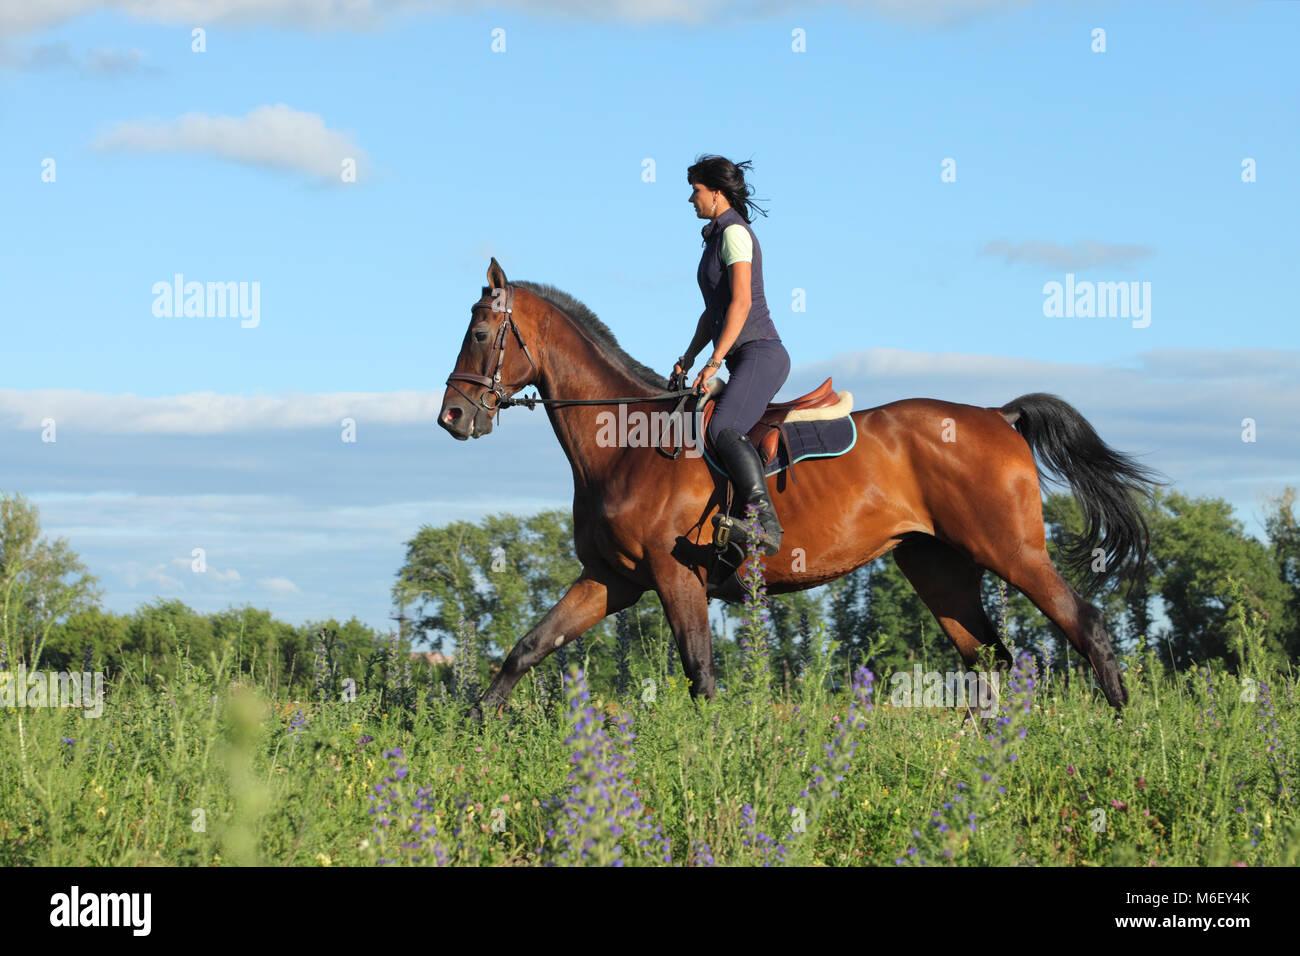 Cavallo al galoppo con pilota femmina Immagini Stock